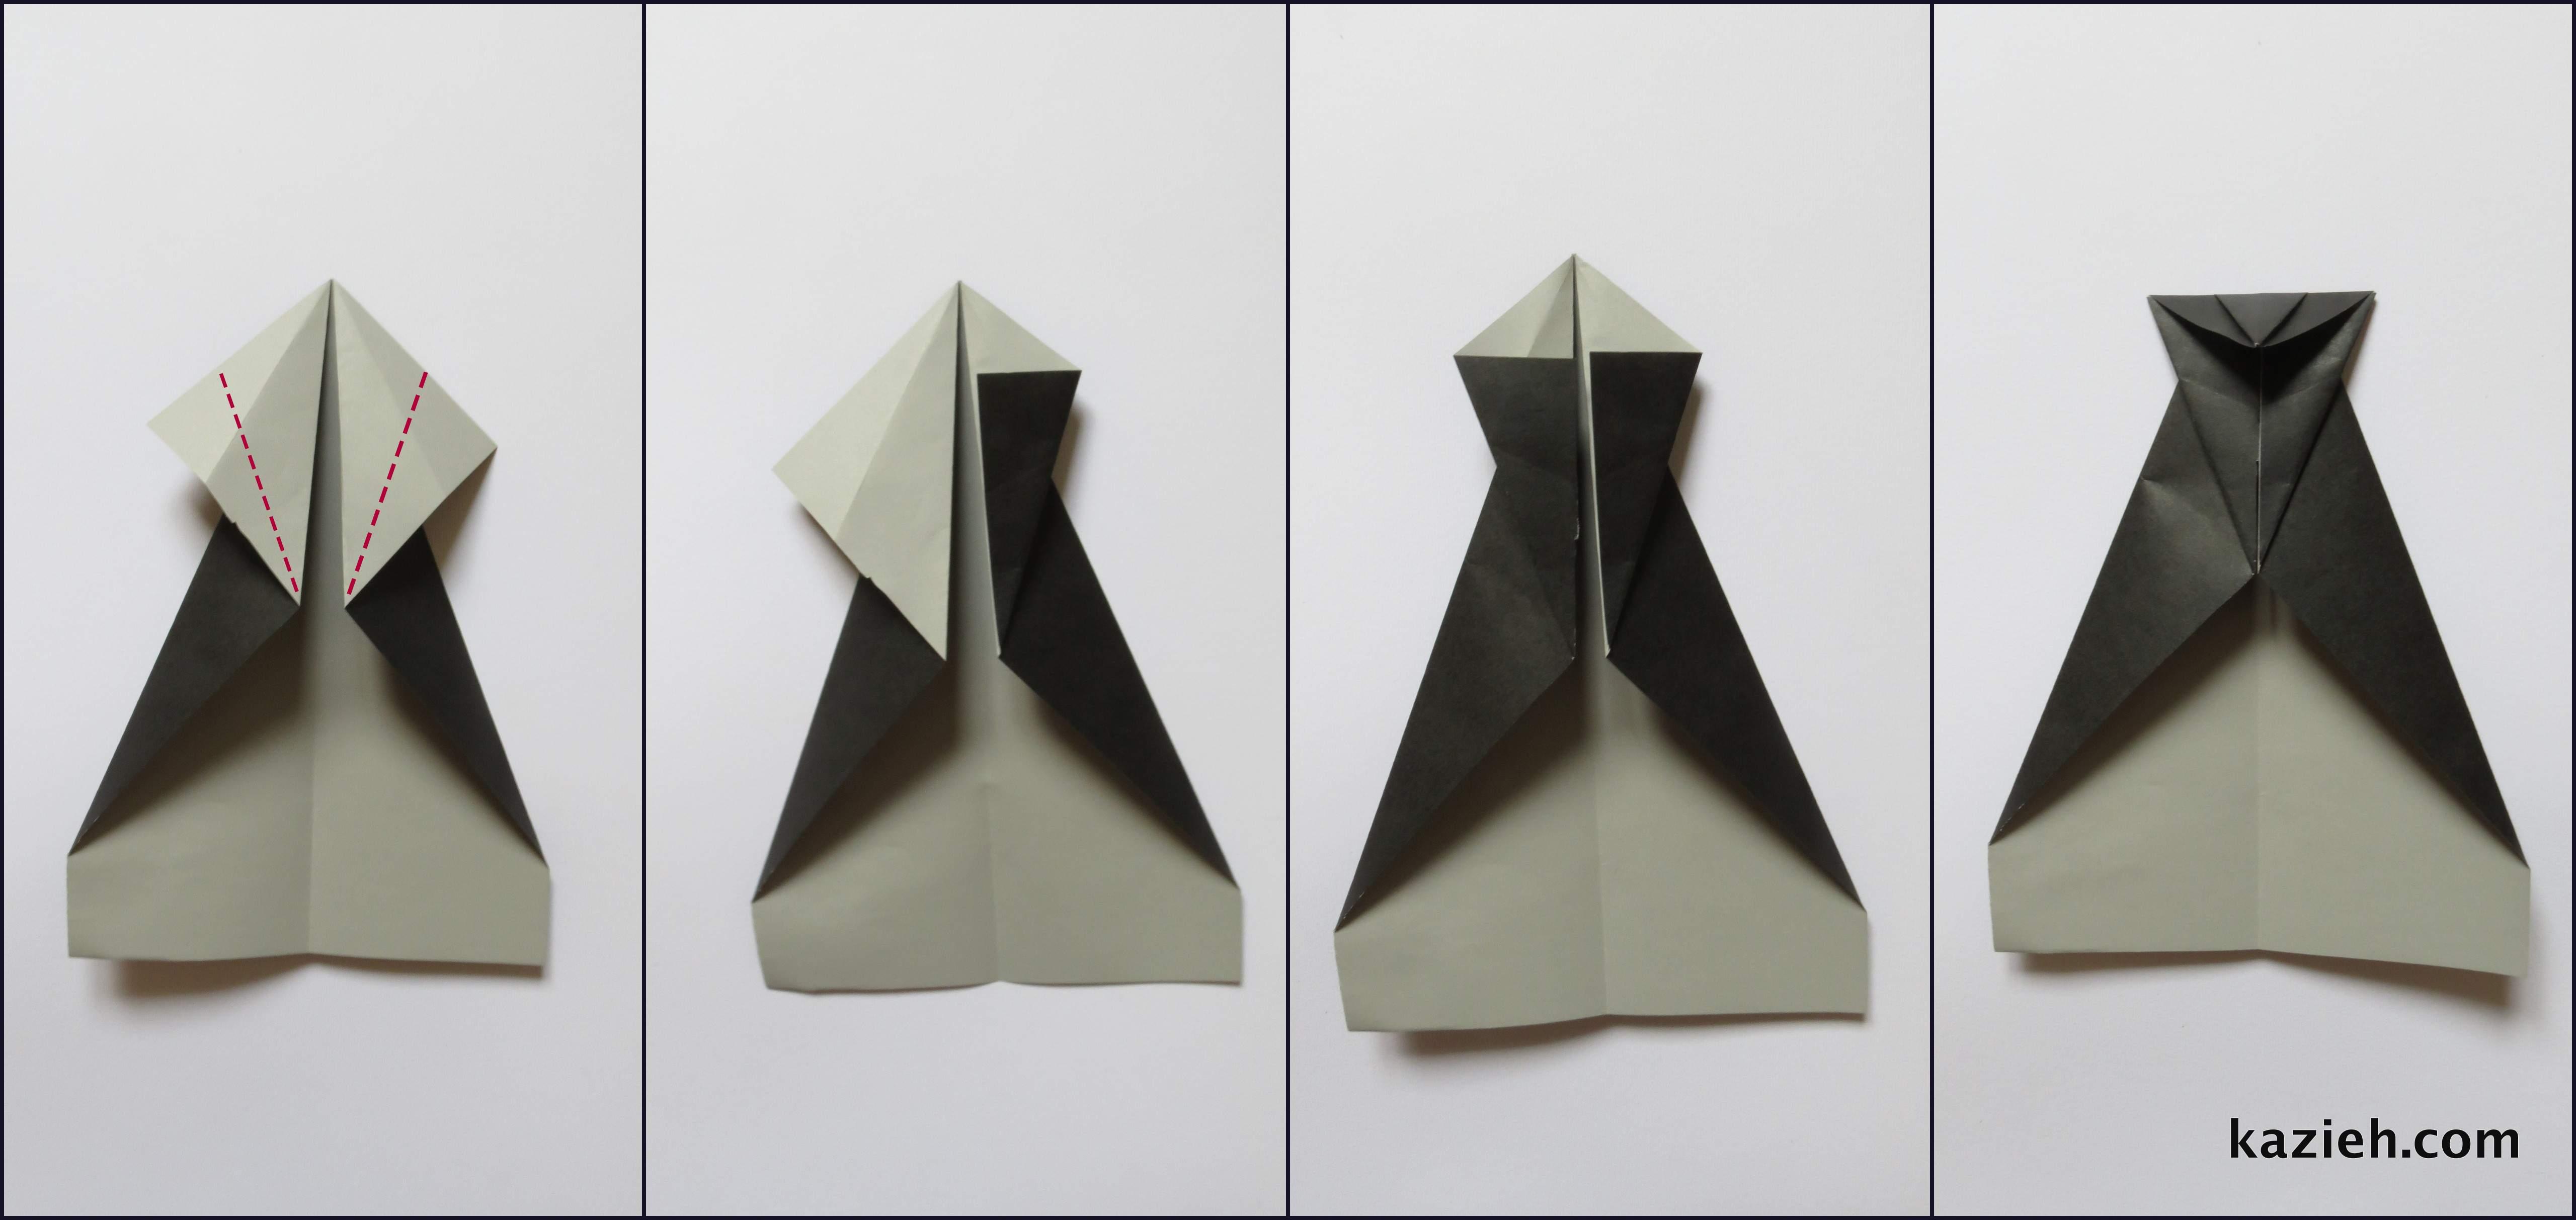 آموزش موشک کاغذی - مرحله چهارم - کازیه